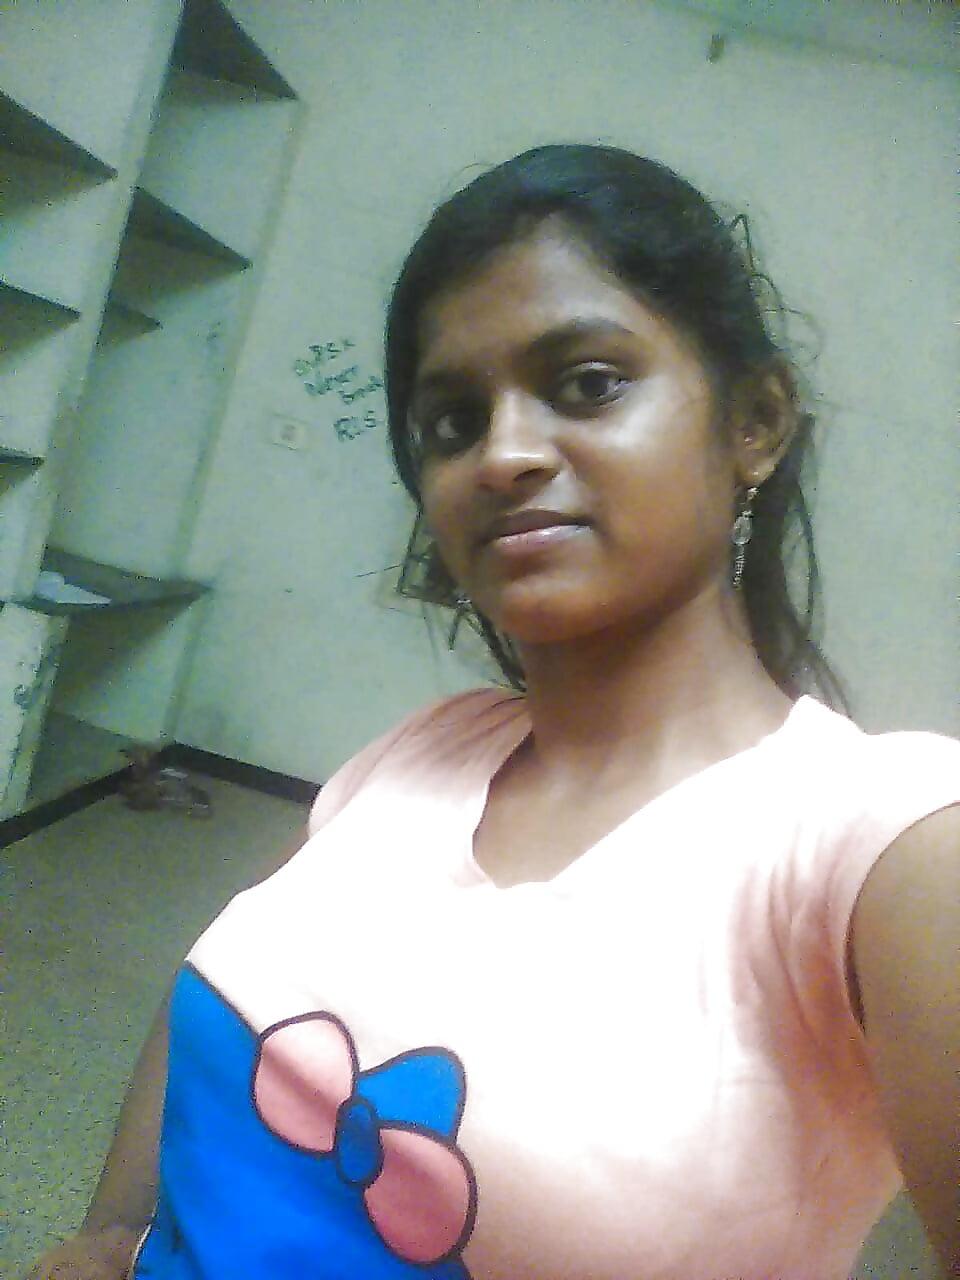 Tamil girls selfie nude